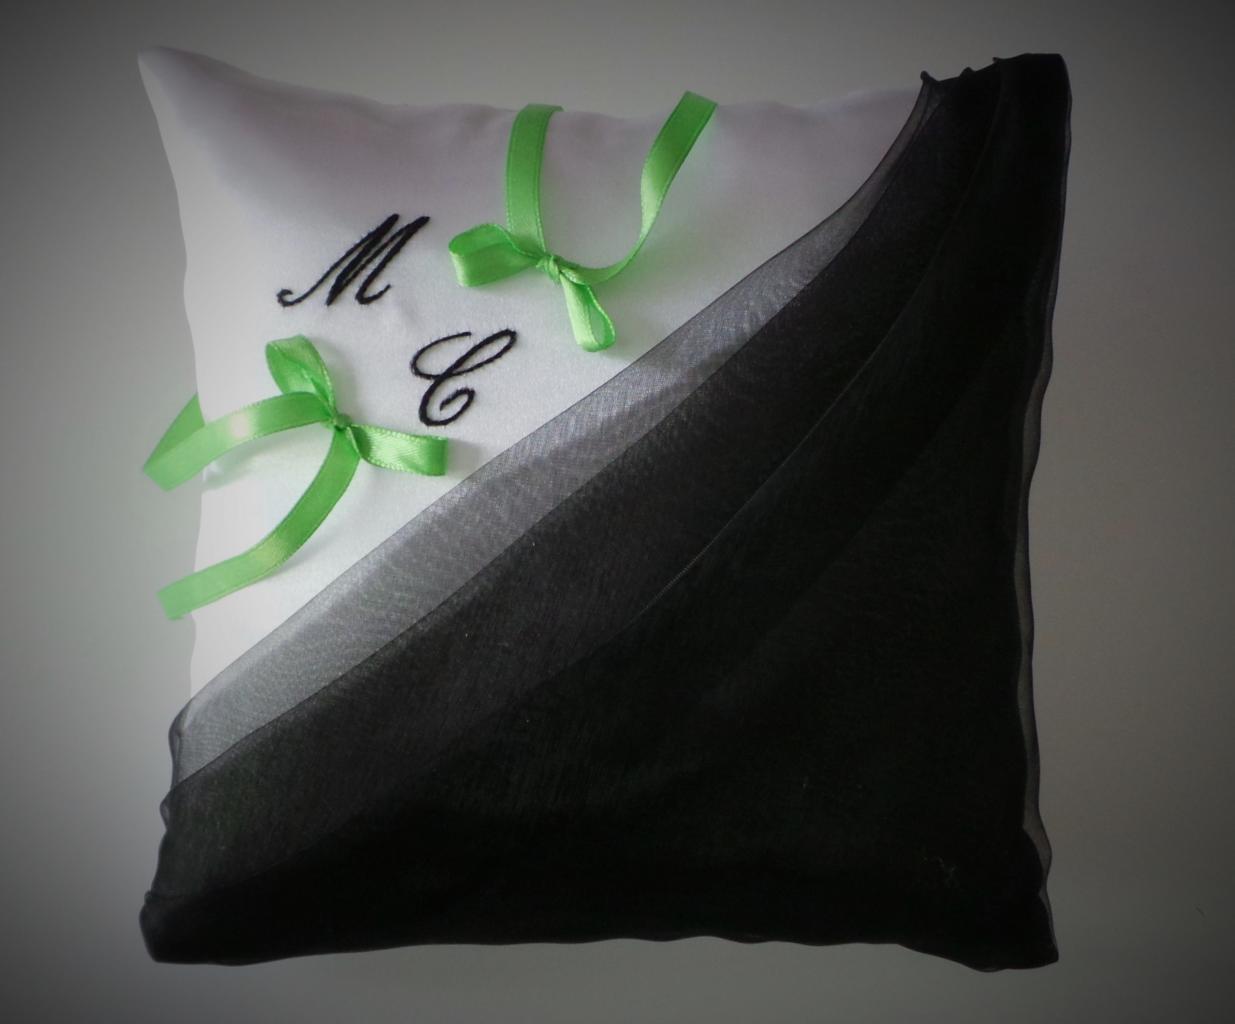 coussin alliances personnalisé noir vert(23)